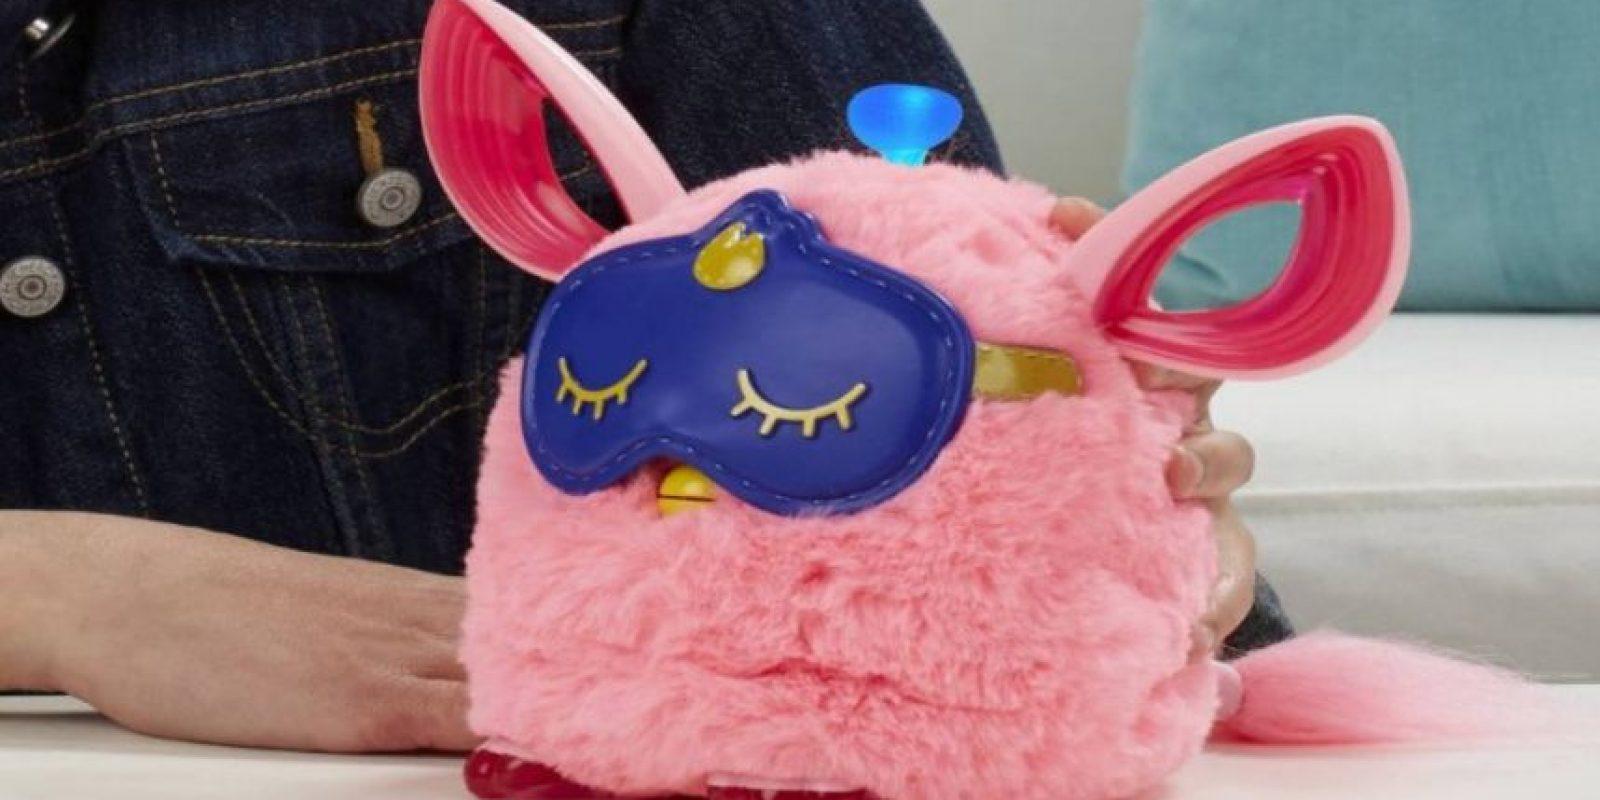 ¡Y tiene una máscara para dormir! Foto:Amazon/Hasbro